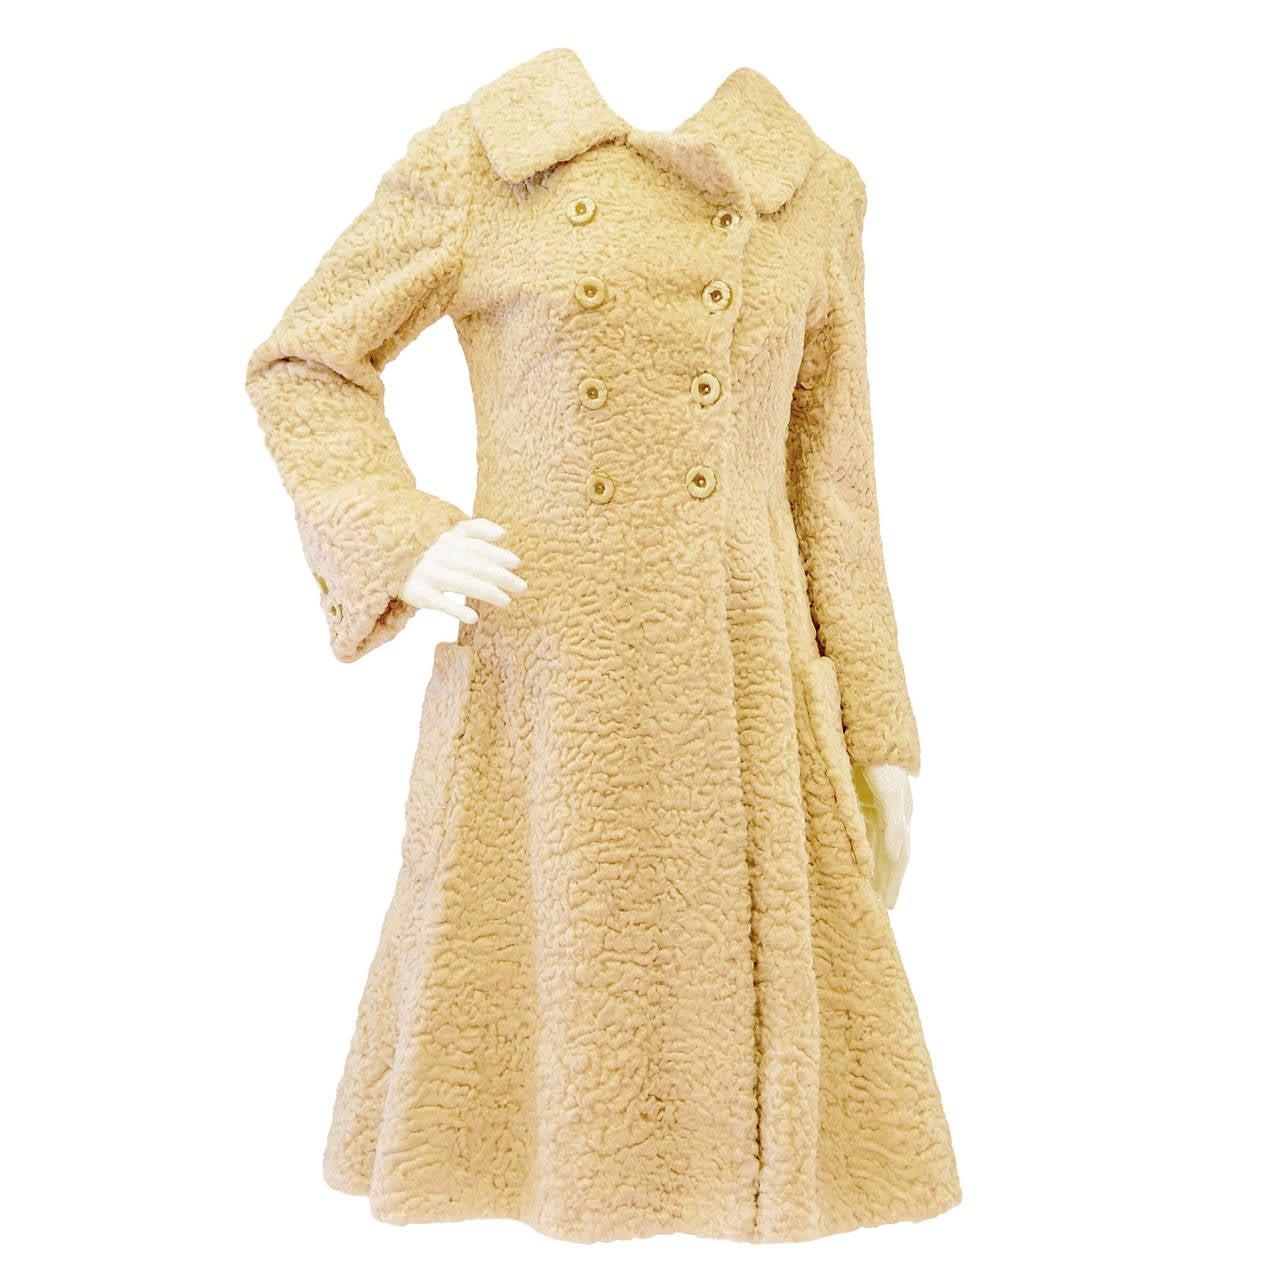 1960's GALANOS Curly Lamb Coat